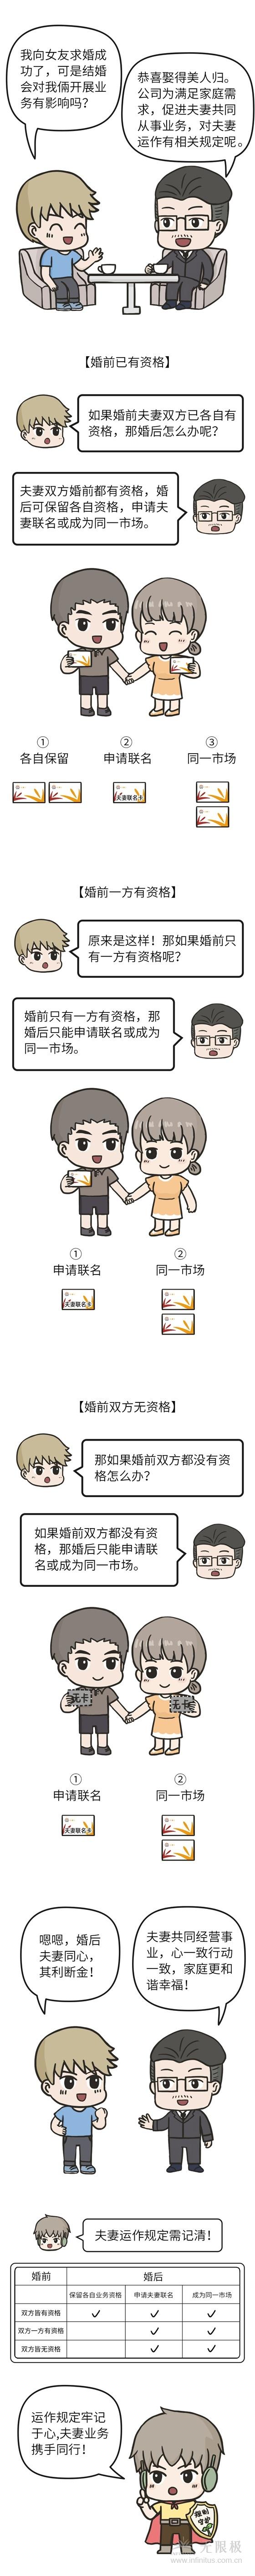 8.10导航二条(长图):婚后业务别担忧,夫妻运作离不开这几种情况-20180808111442